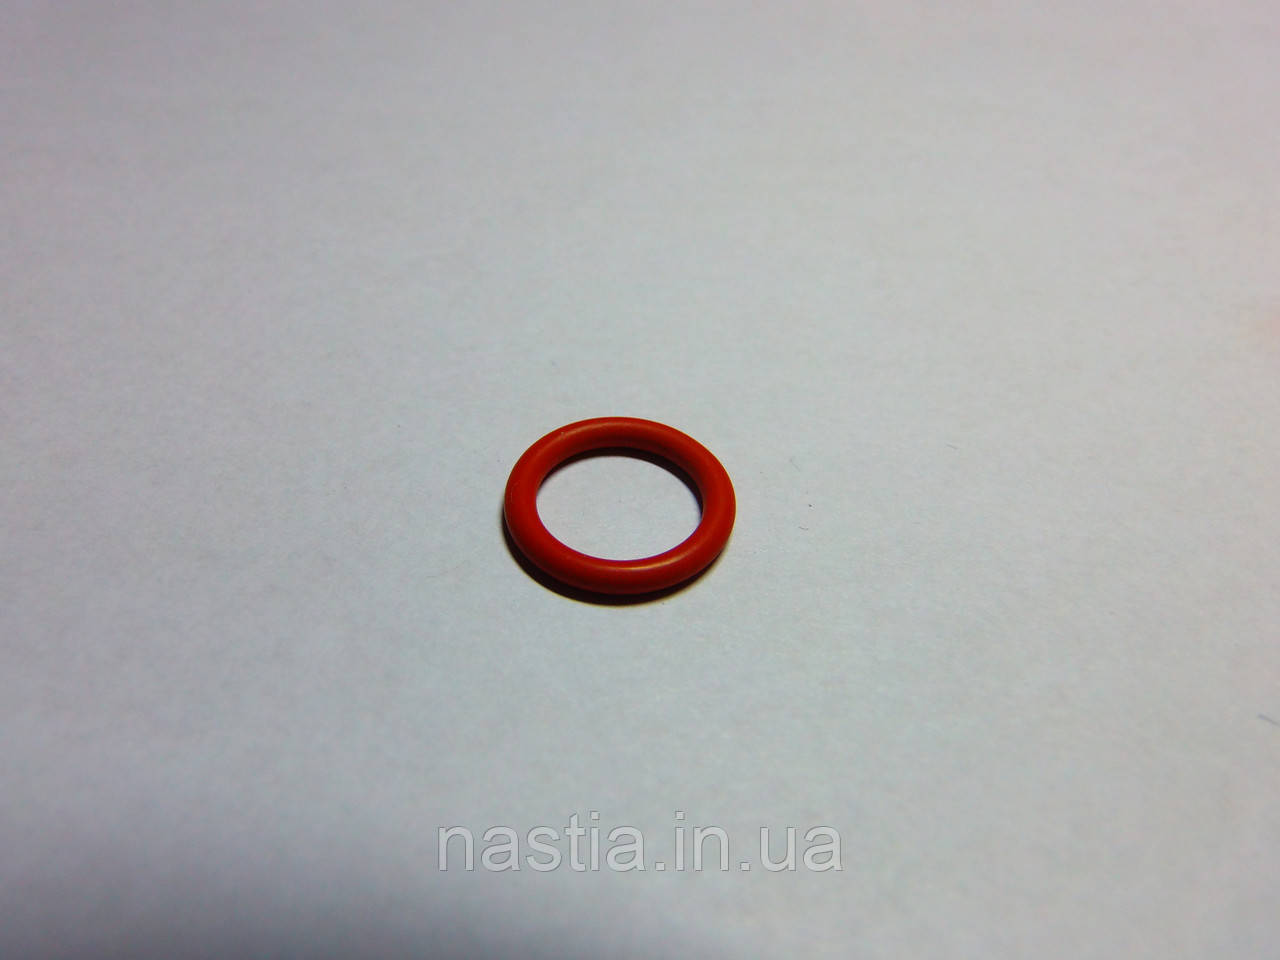 Резиновый уплотнитель OR 110 2037 силикон